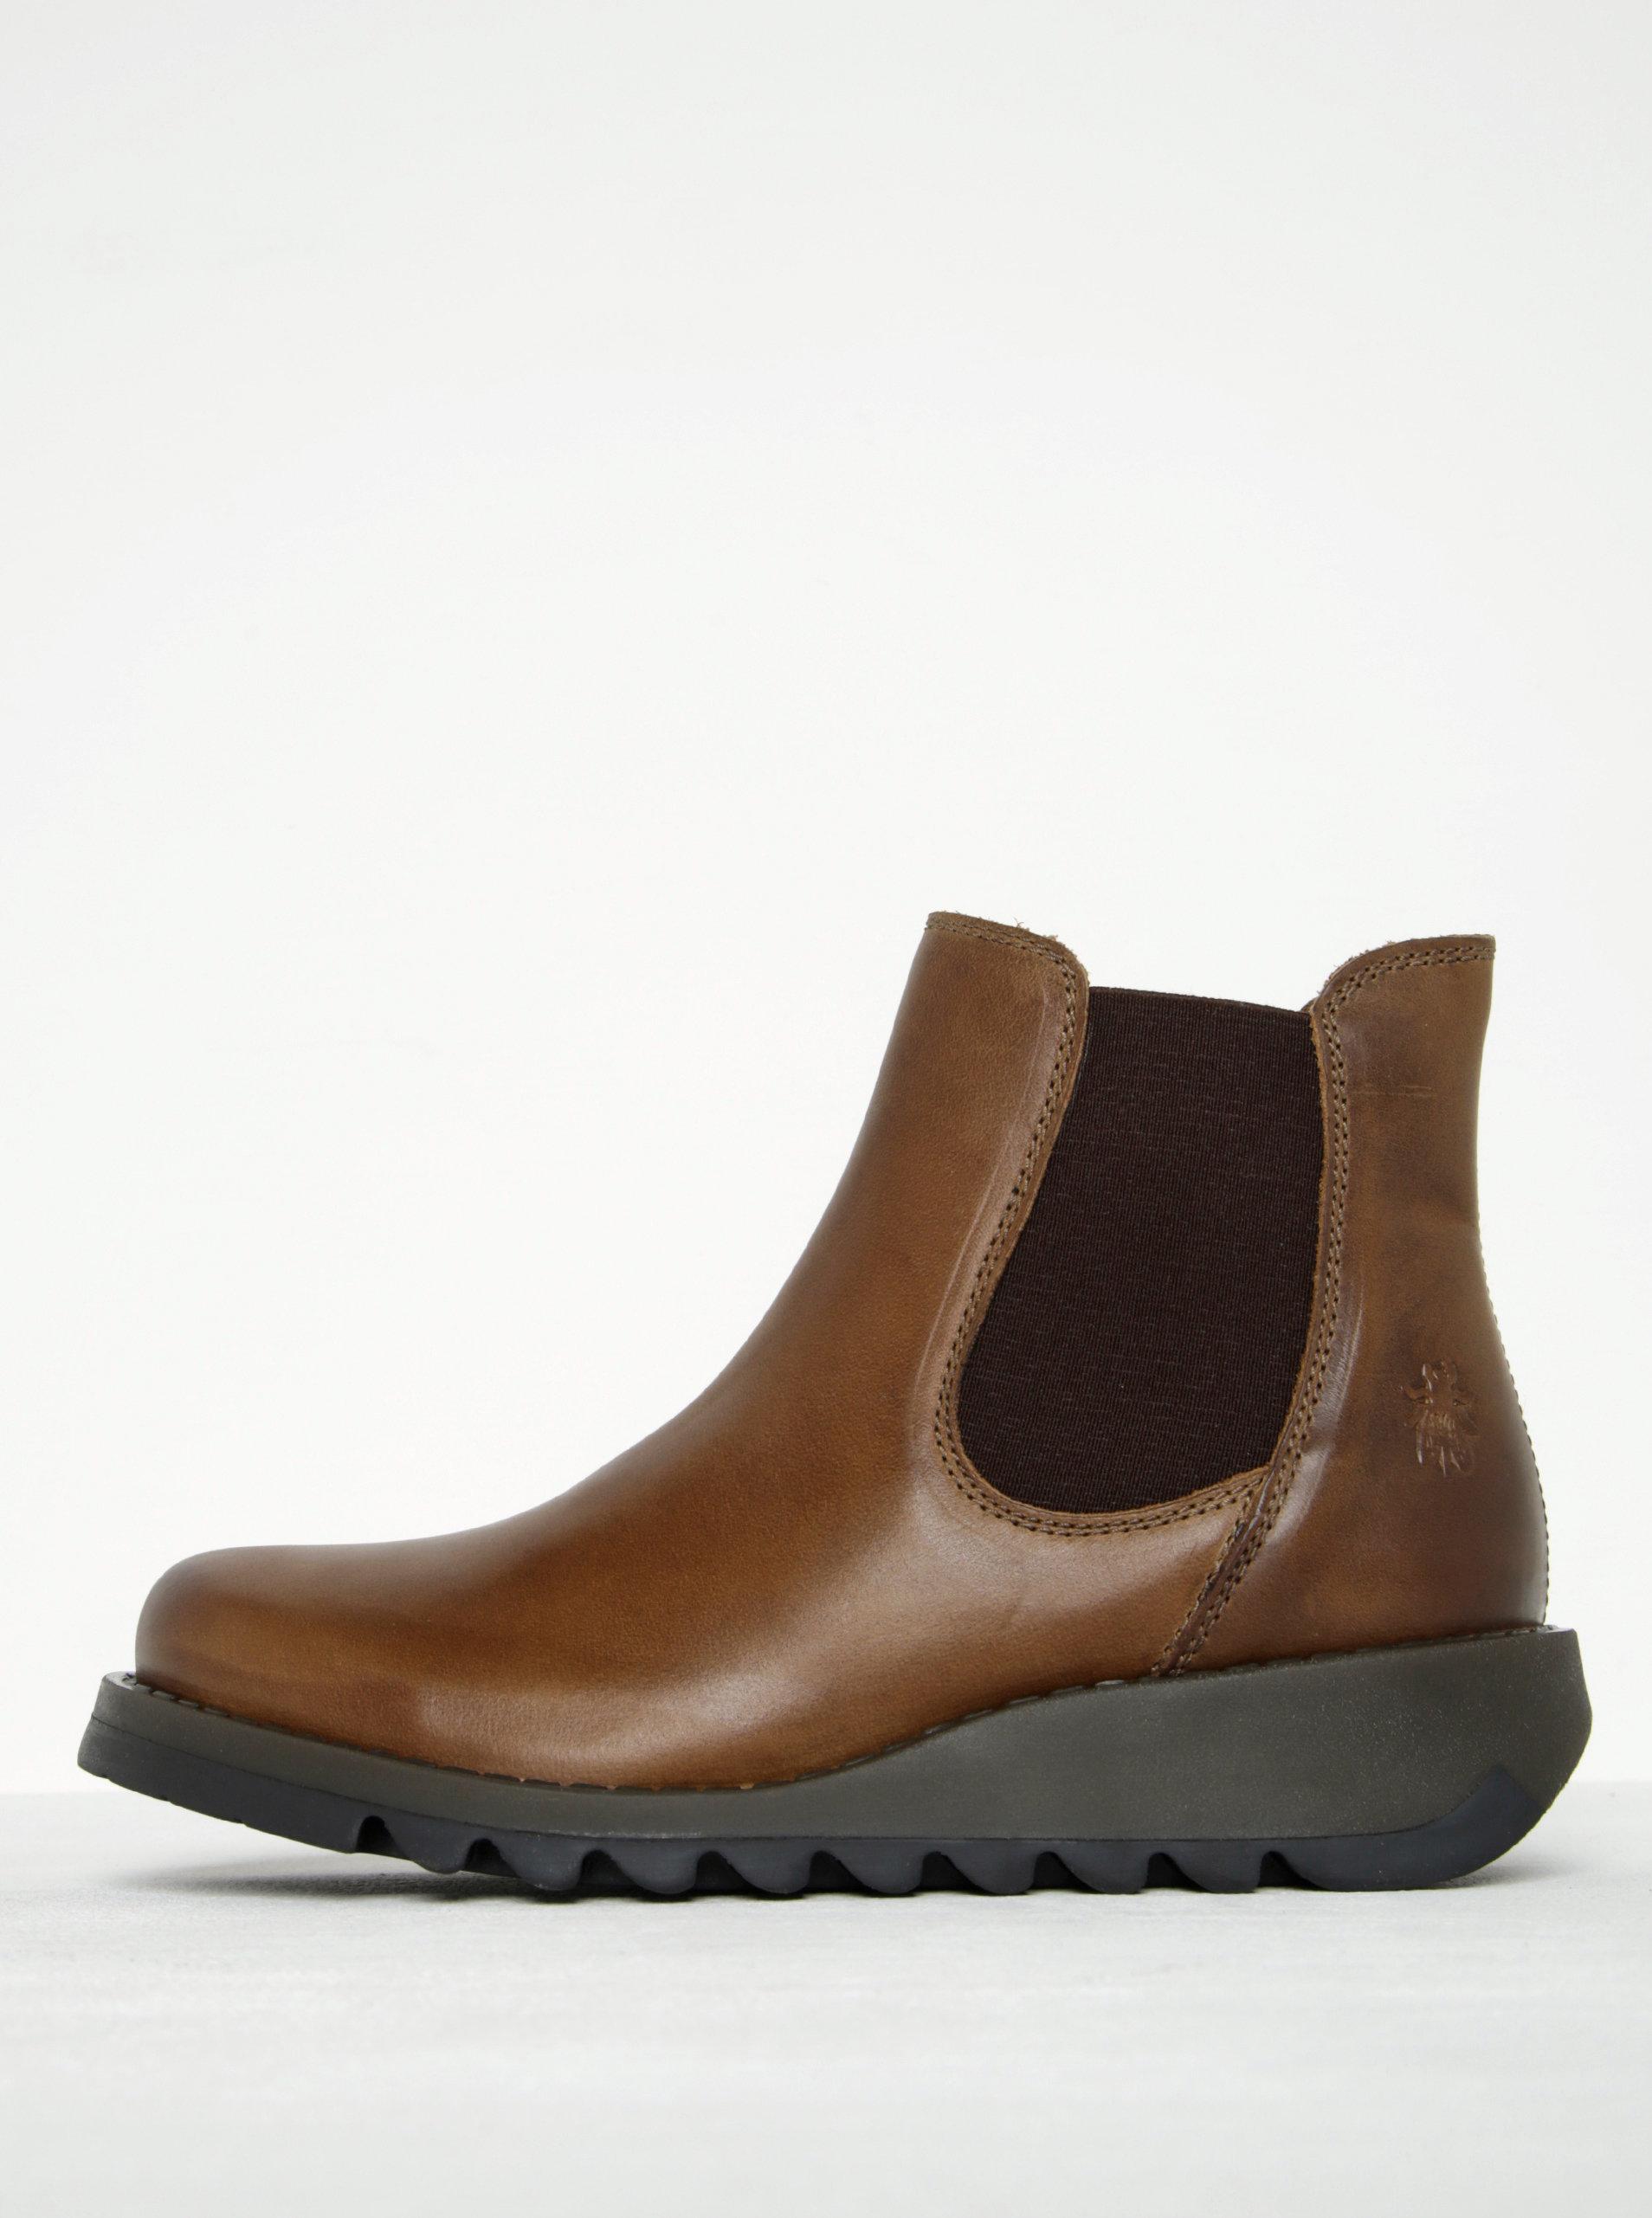 Hnědé dámské kožené chelsea boty FLY London - Akční cena  8677806158